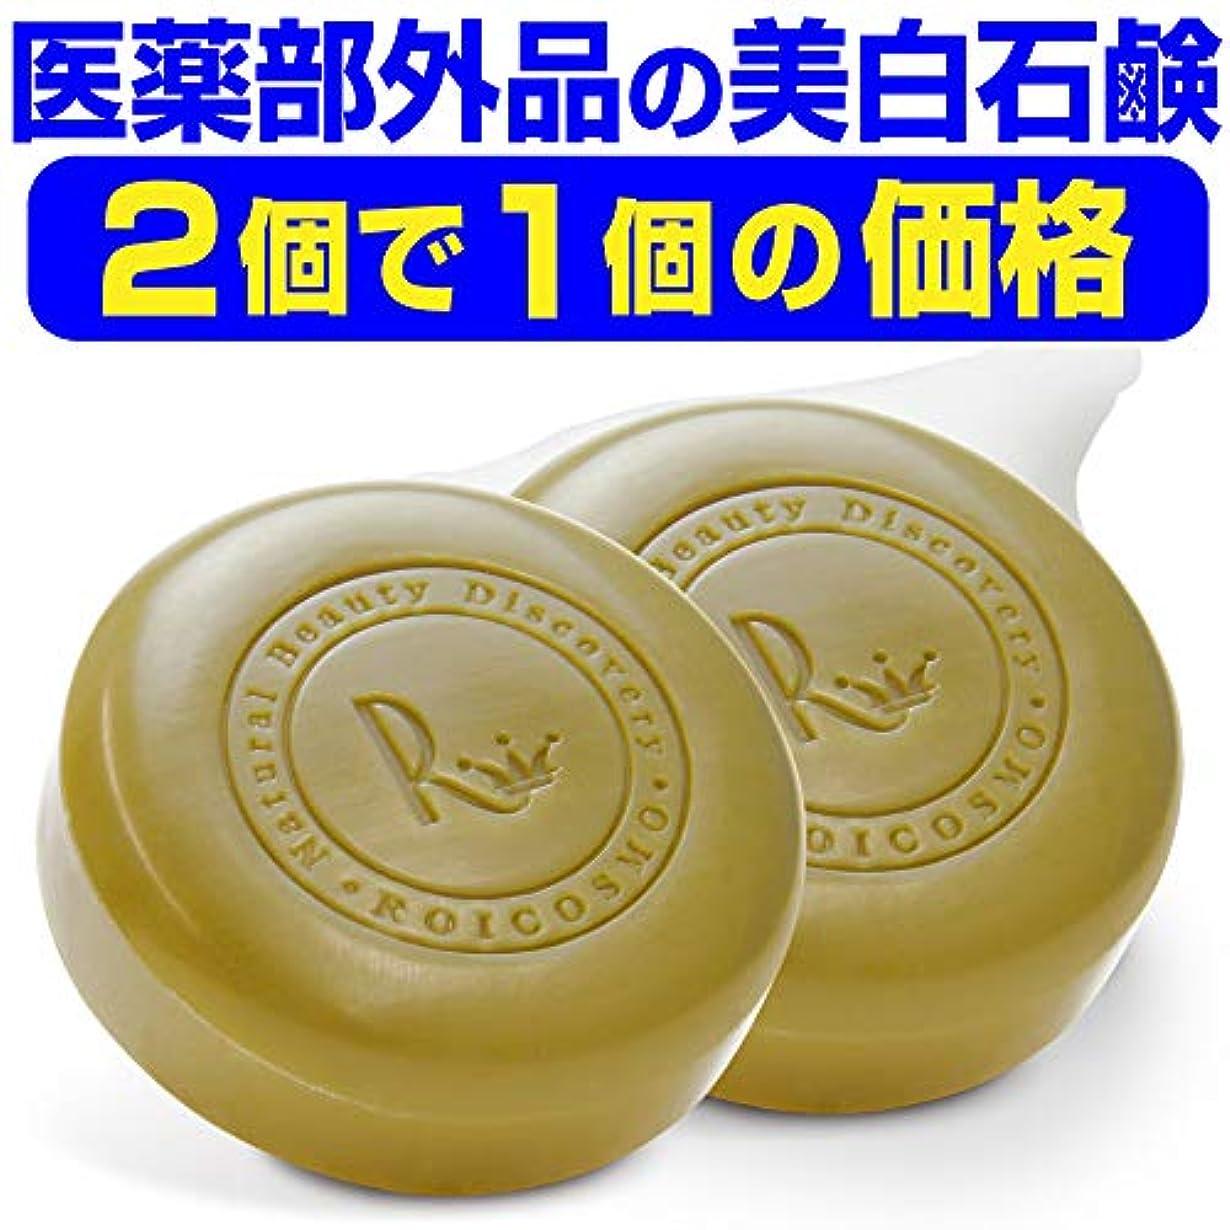 ゴシップ宙返り受取人2個まとめ買い9%OFF 美白石鹸/ビタミンC270倍の美白成分配合の 洗顔石鹸 固形『ホワイトソープ100g×2個』